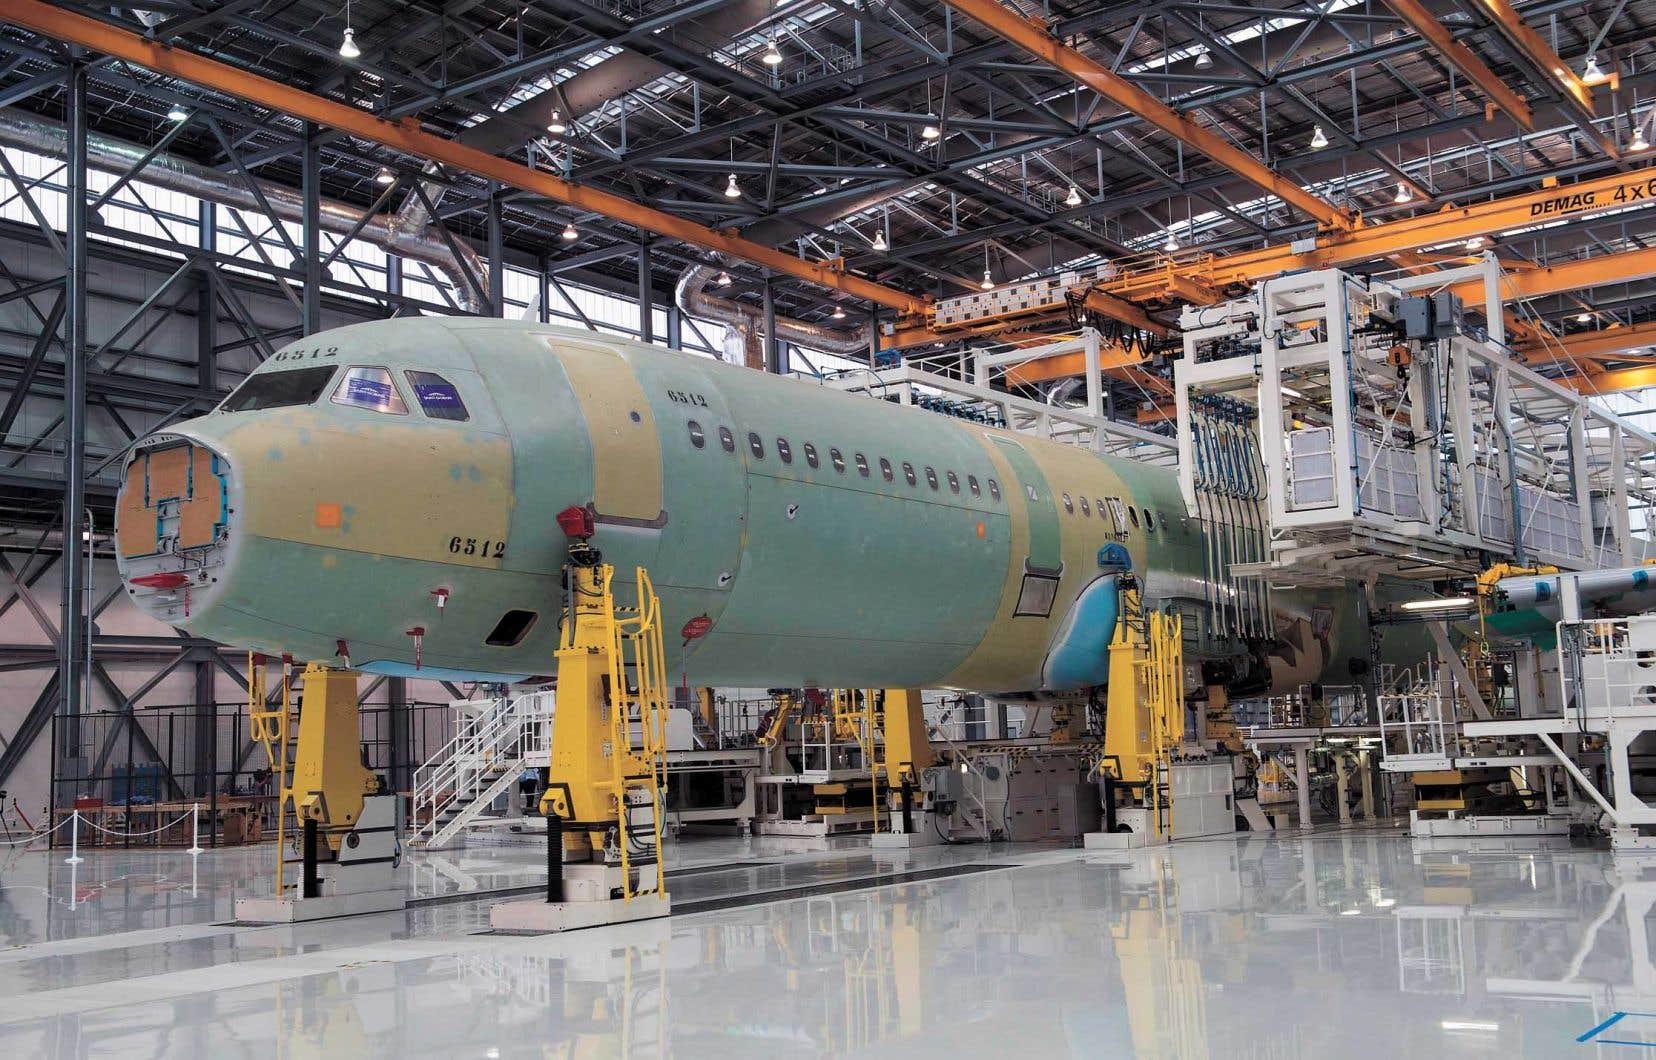 Airbus agrandira ses installations de Mobile en Alabama pour permettre l'assemblage des appareils A220. L'entreprise procédera mercredi à la première pelletée de terre pour la nouvelle chaîne de montage.